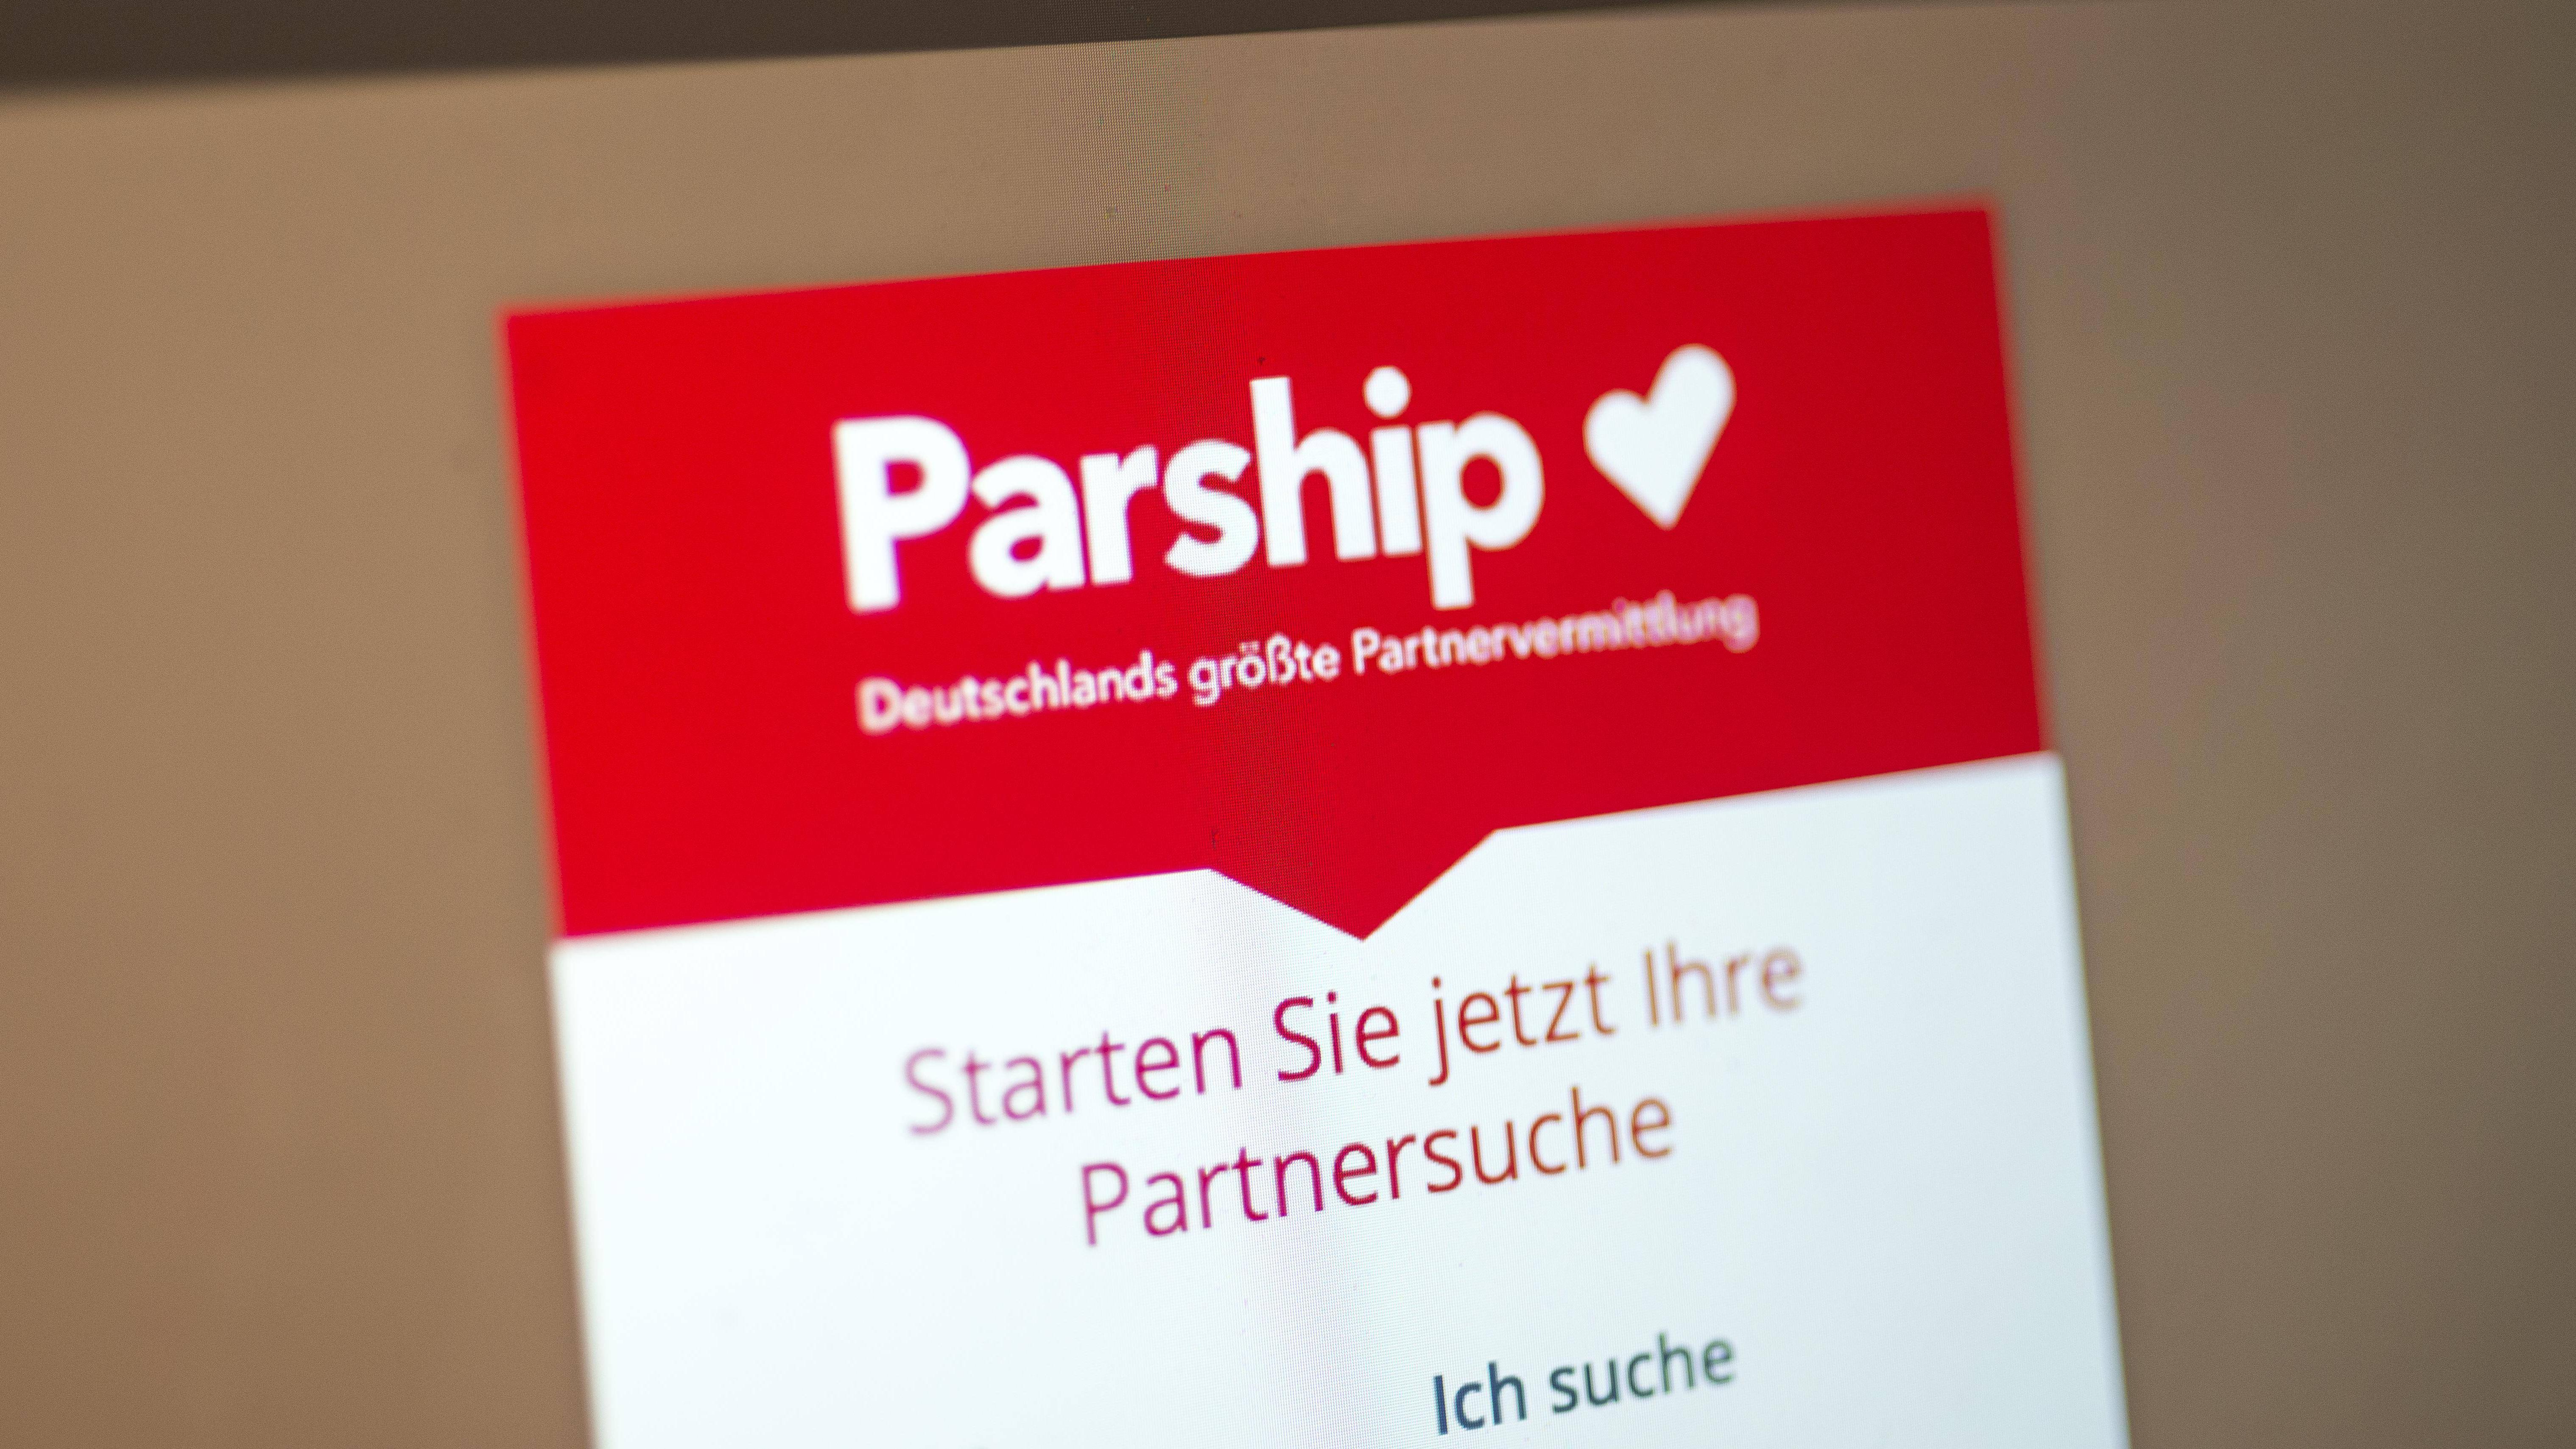 Bei Parship kündigen - so geht's